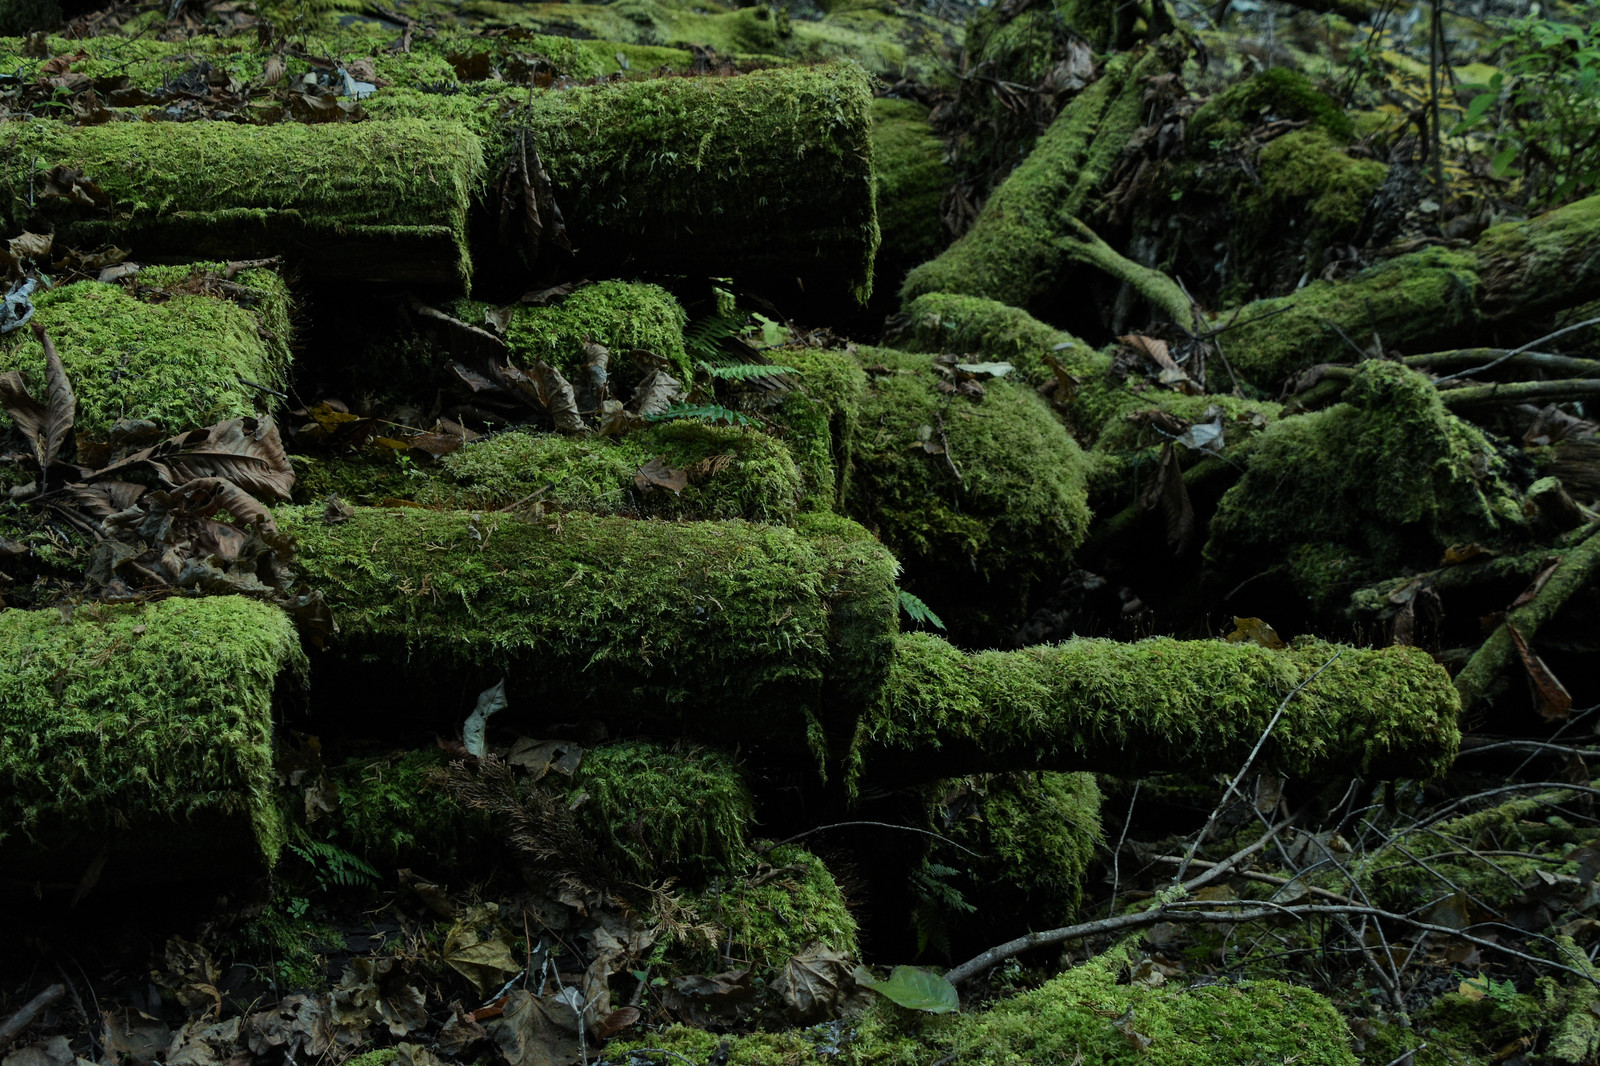 「積み上げられた苔生す木材」の写真